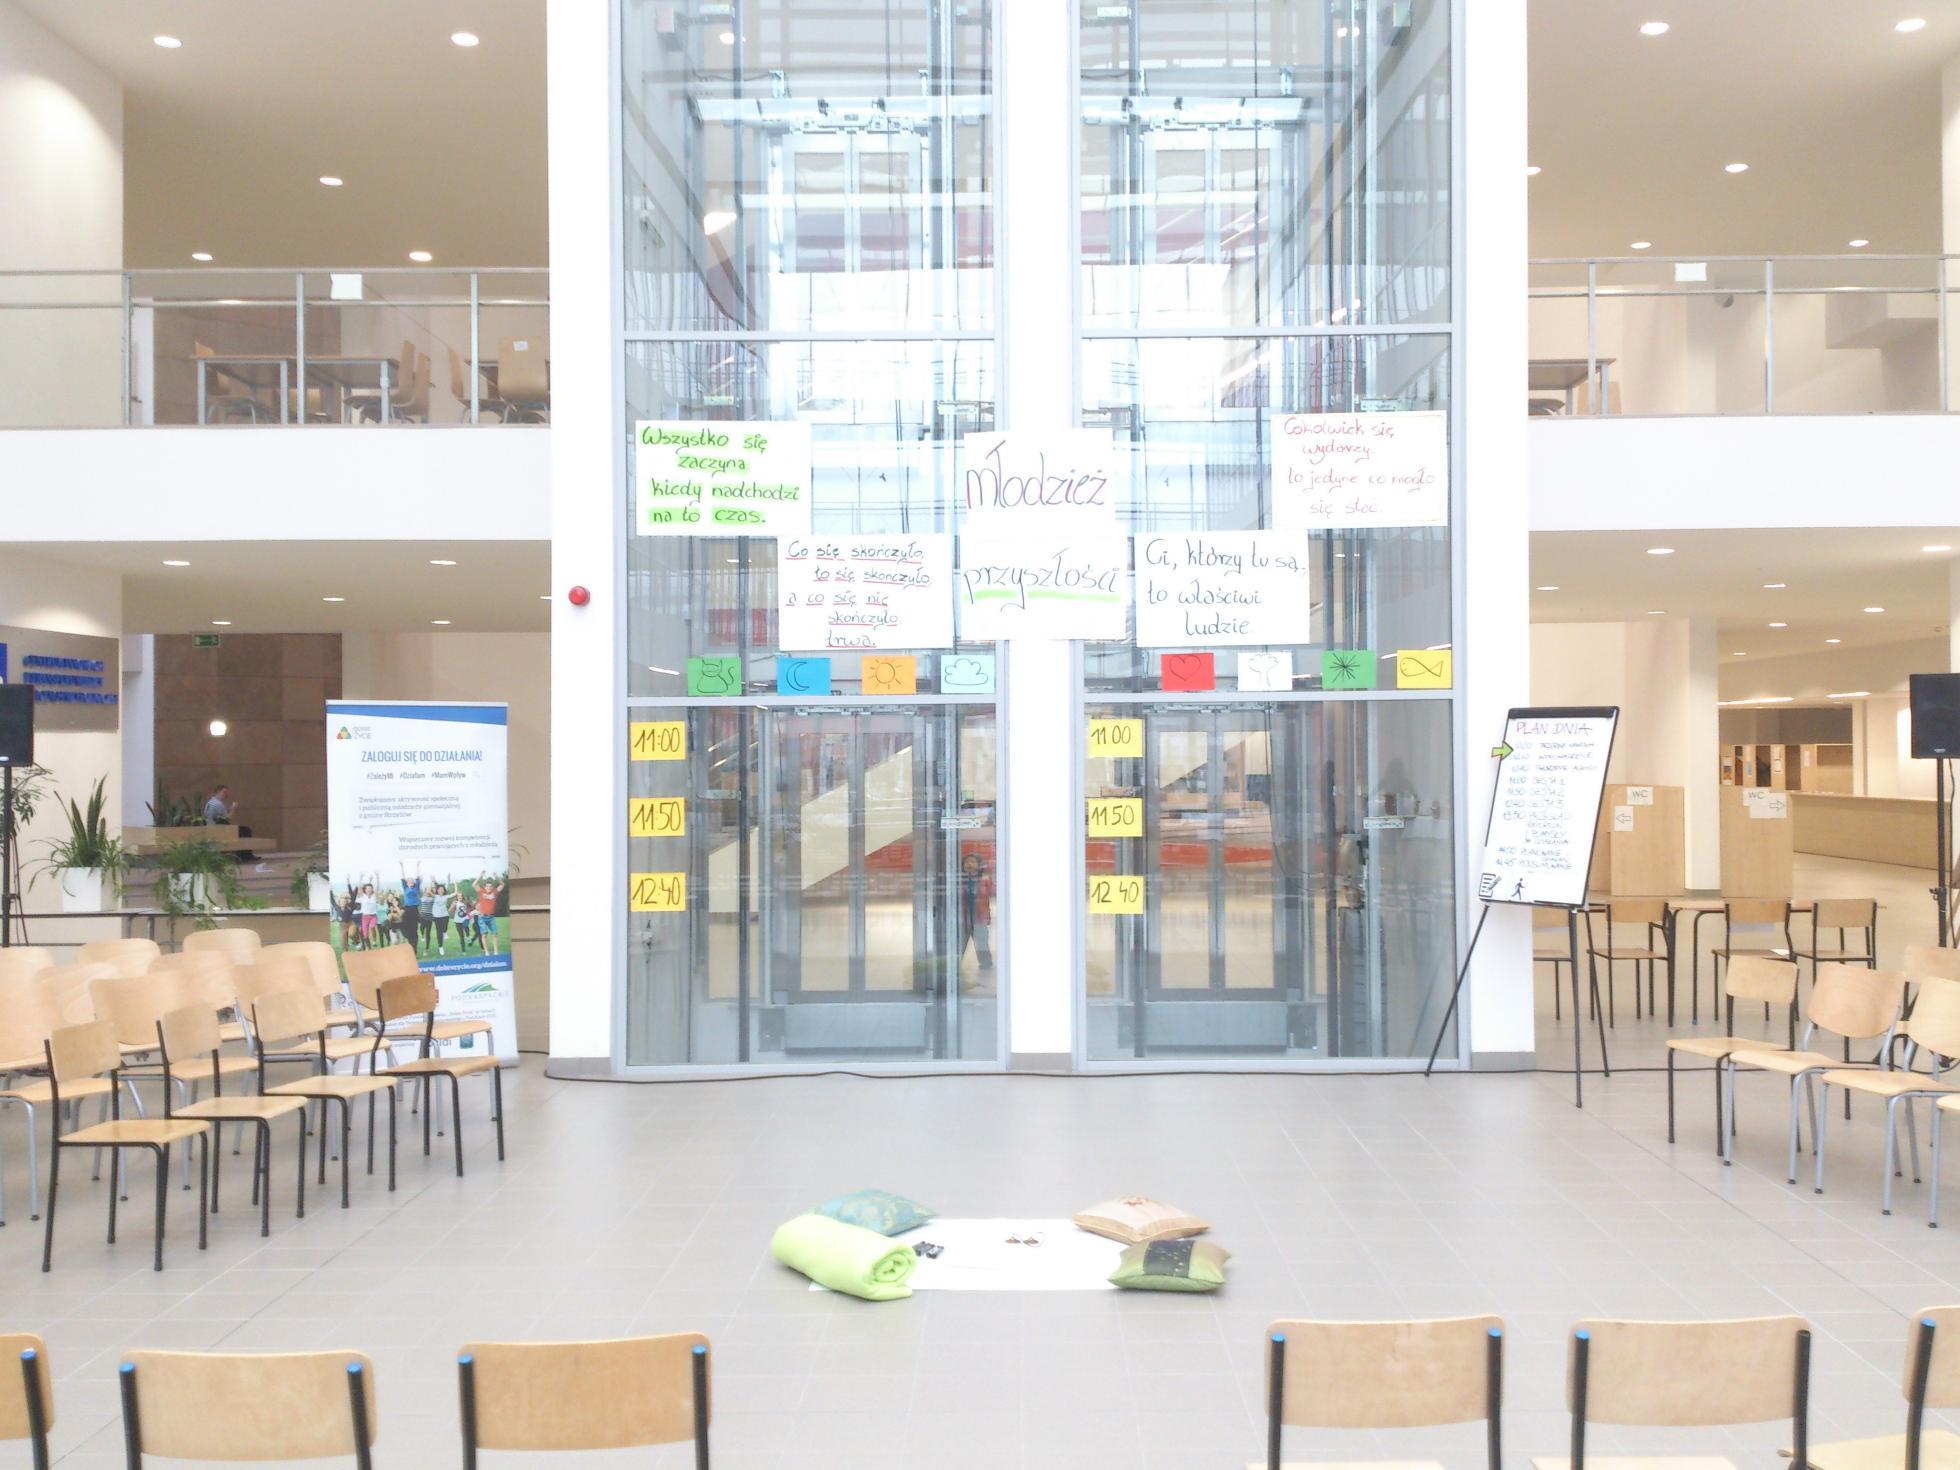 Fot. Andrzej Łapkowski. Zdjęcie pochodzi z konferencji prowadzonej metodą Open Space, zorganizowanej przez Fundację Dobre Życie.